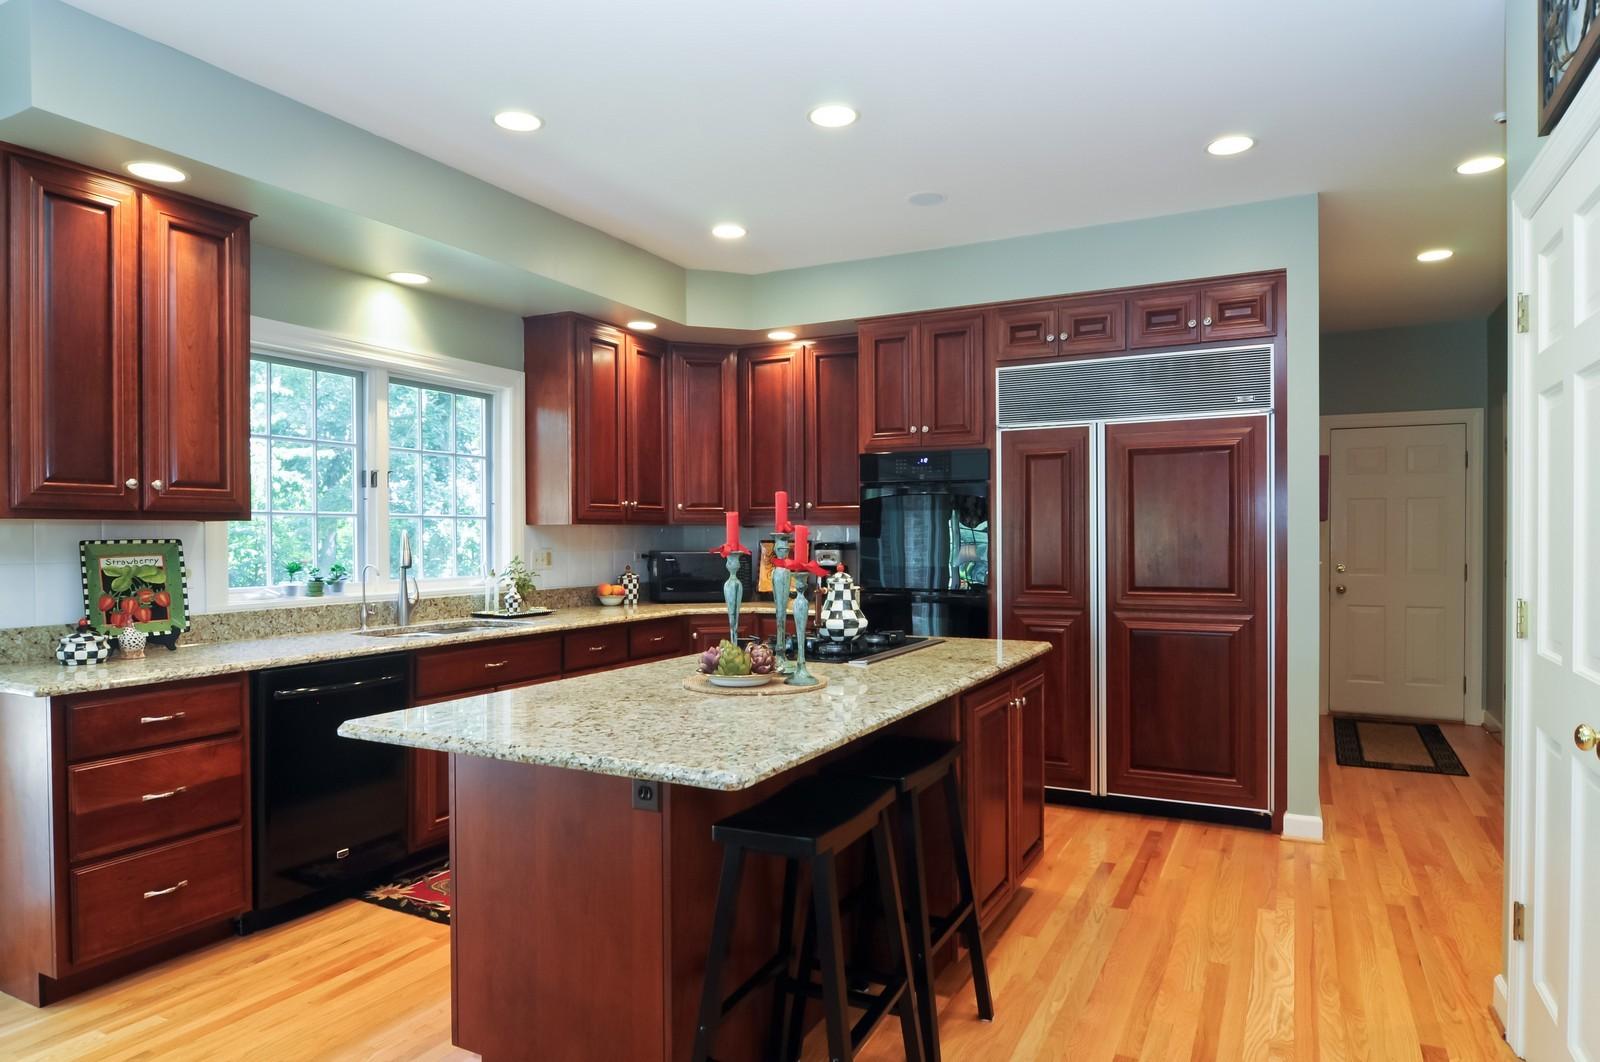 Real Estate Photography - 22822 Glenhurst Rd, Deer Park, IL, 60010 - Kitchen